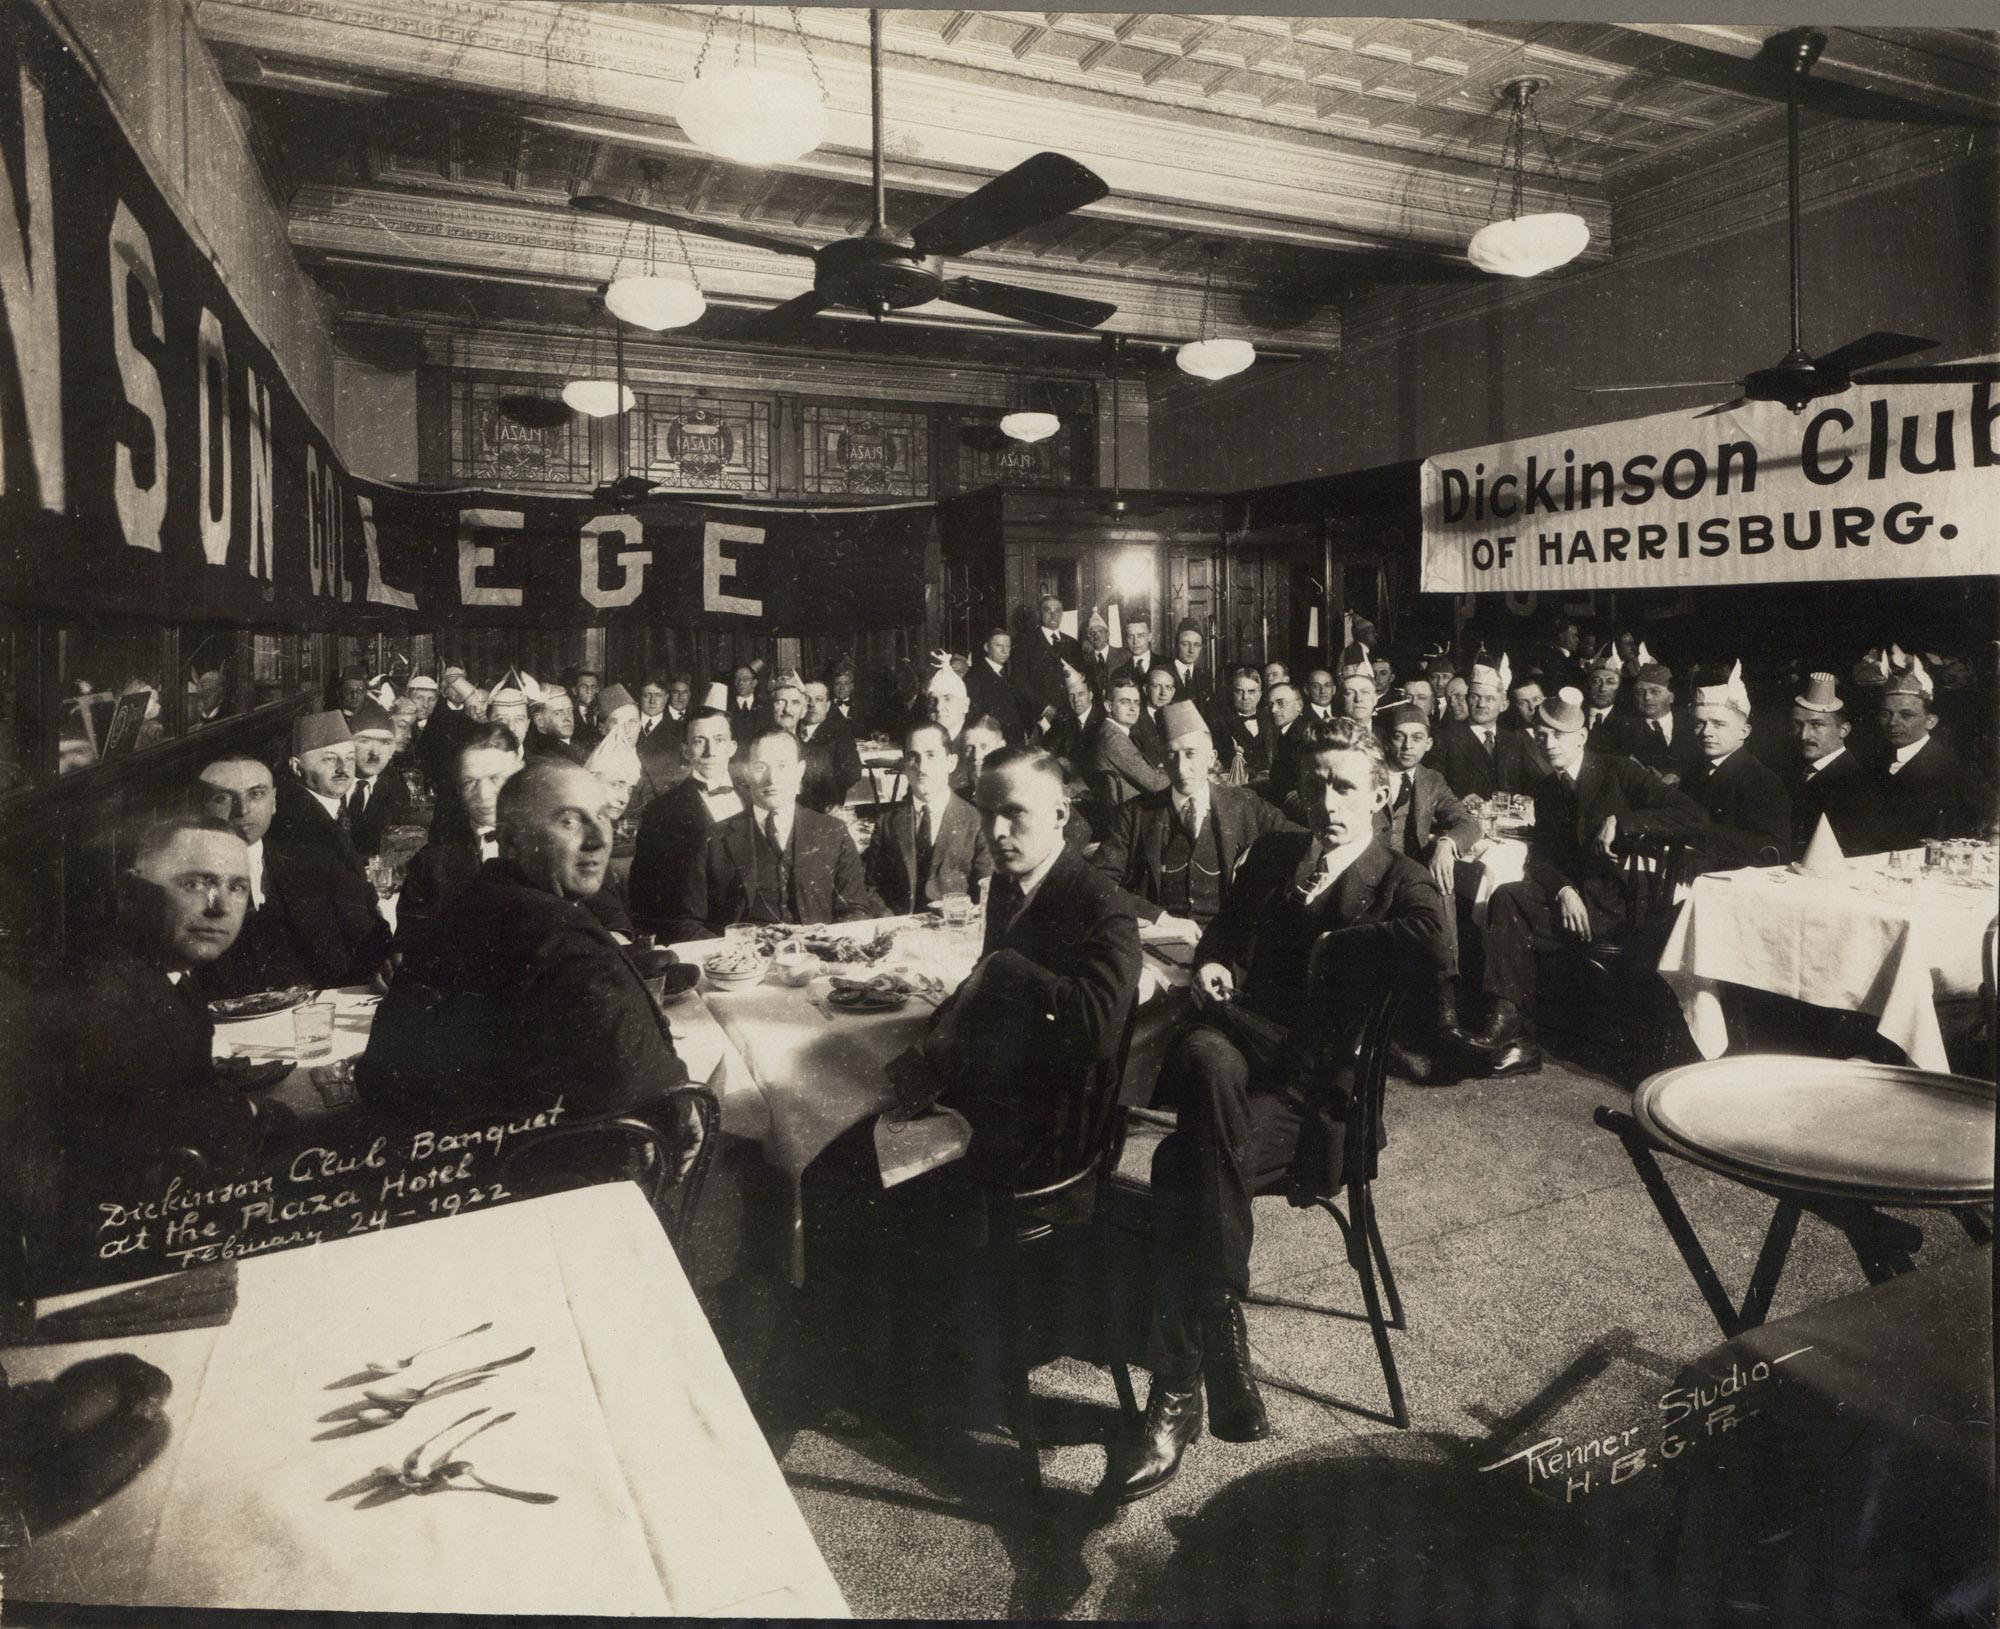 Dickinson Club of Harrisburg banquet, 1922